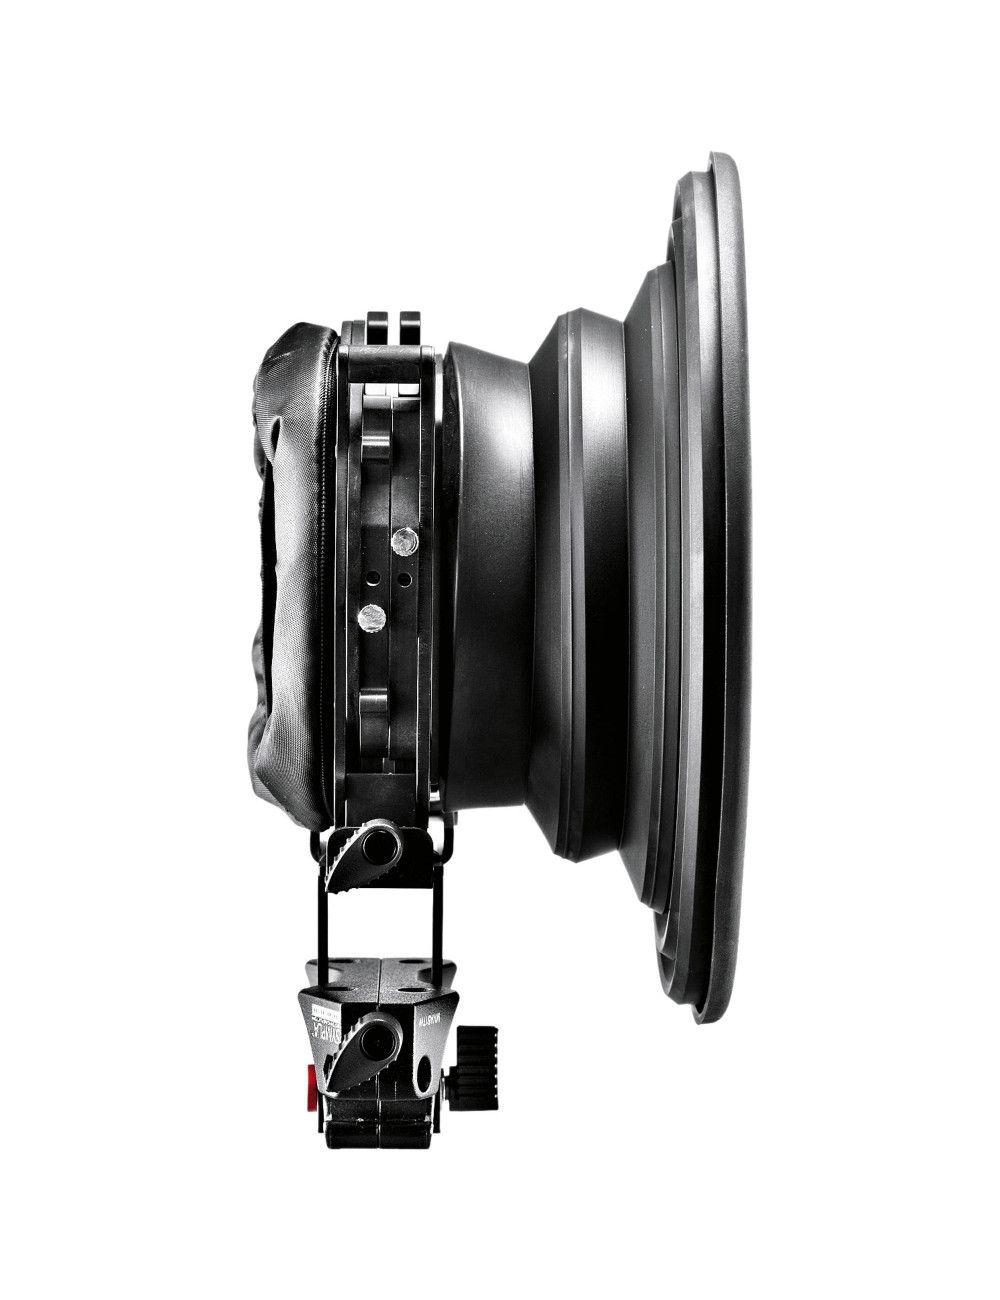 Adaptador Yongnuo para usar lentes Canon EF en Cámaras Canon EOS M